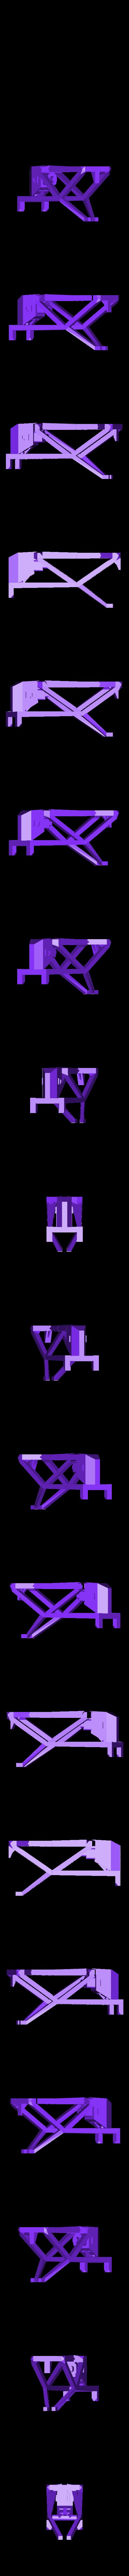 Bisj_2013_3Top.stl Download free STL file Stackable Bisj Anchestral Sculpture • 3D print template, Slagerqod